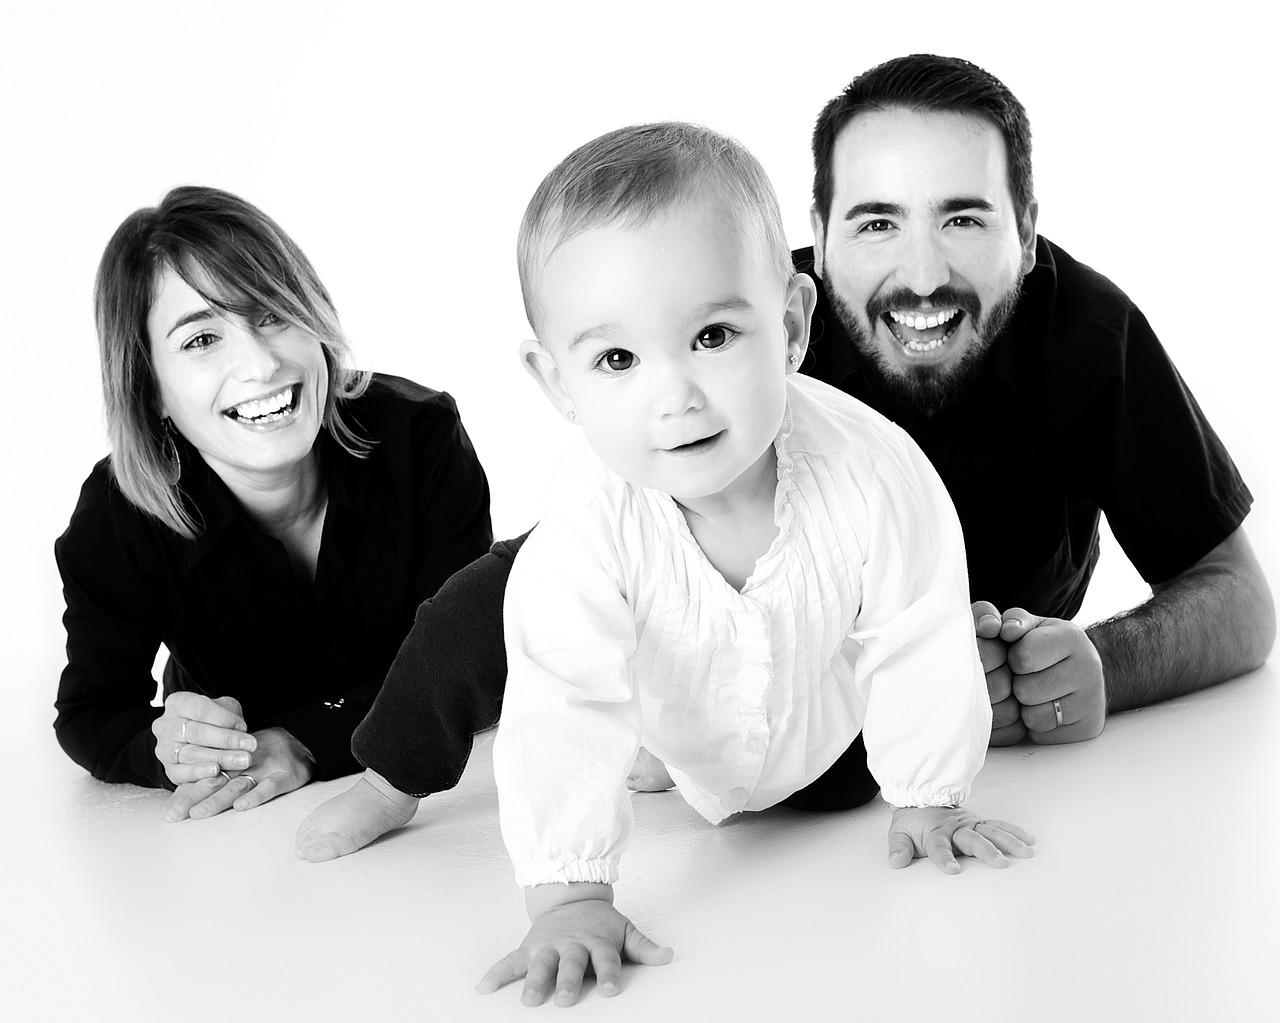 Cuidados especiais com o recém-nascido